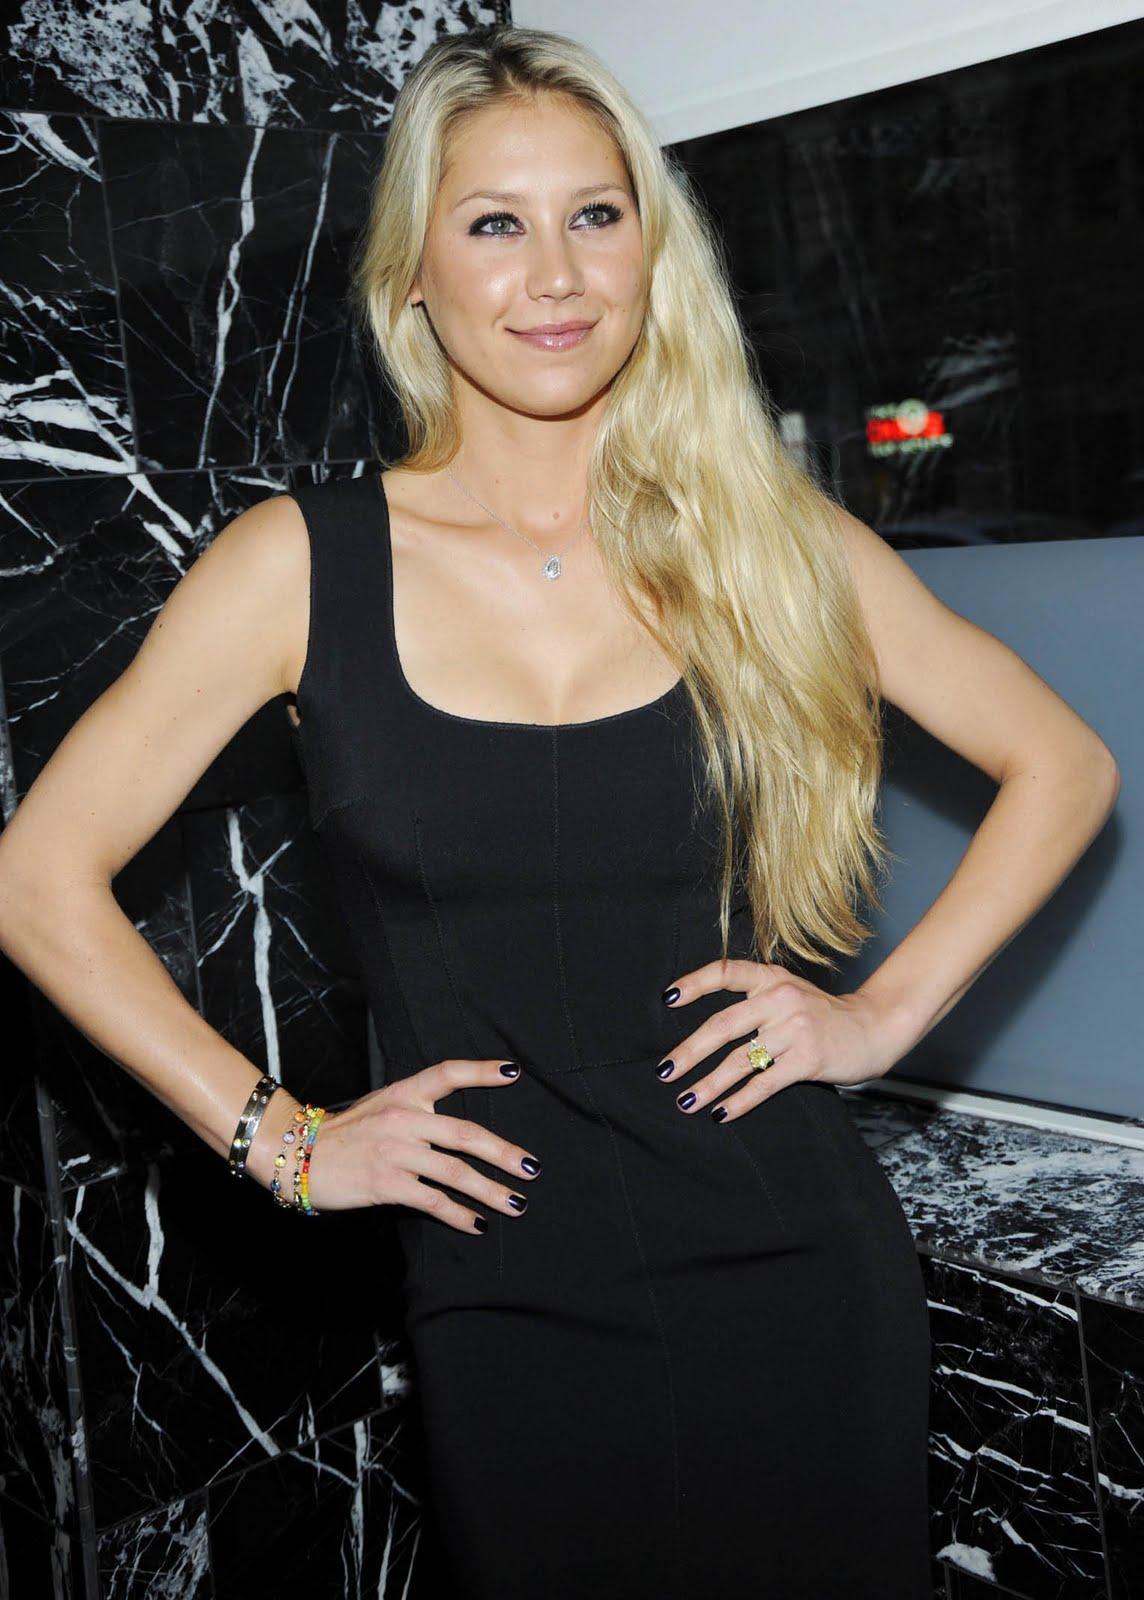 http://4.bp.blogspot.com/_zbsfJpJk1lA/S75ZgB9bImI/AAAAAAAAI7s/YJFvzbIe31M/s1600/anna_kournikova_black_hot_de.jpg